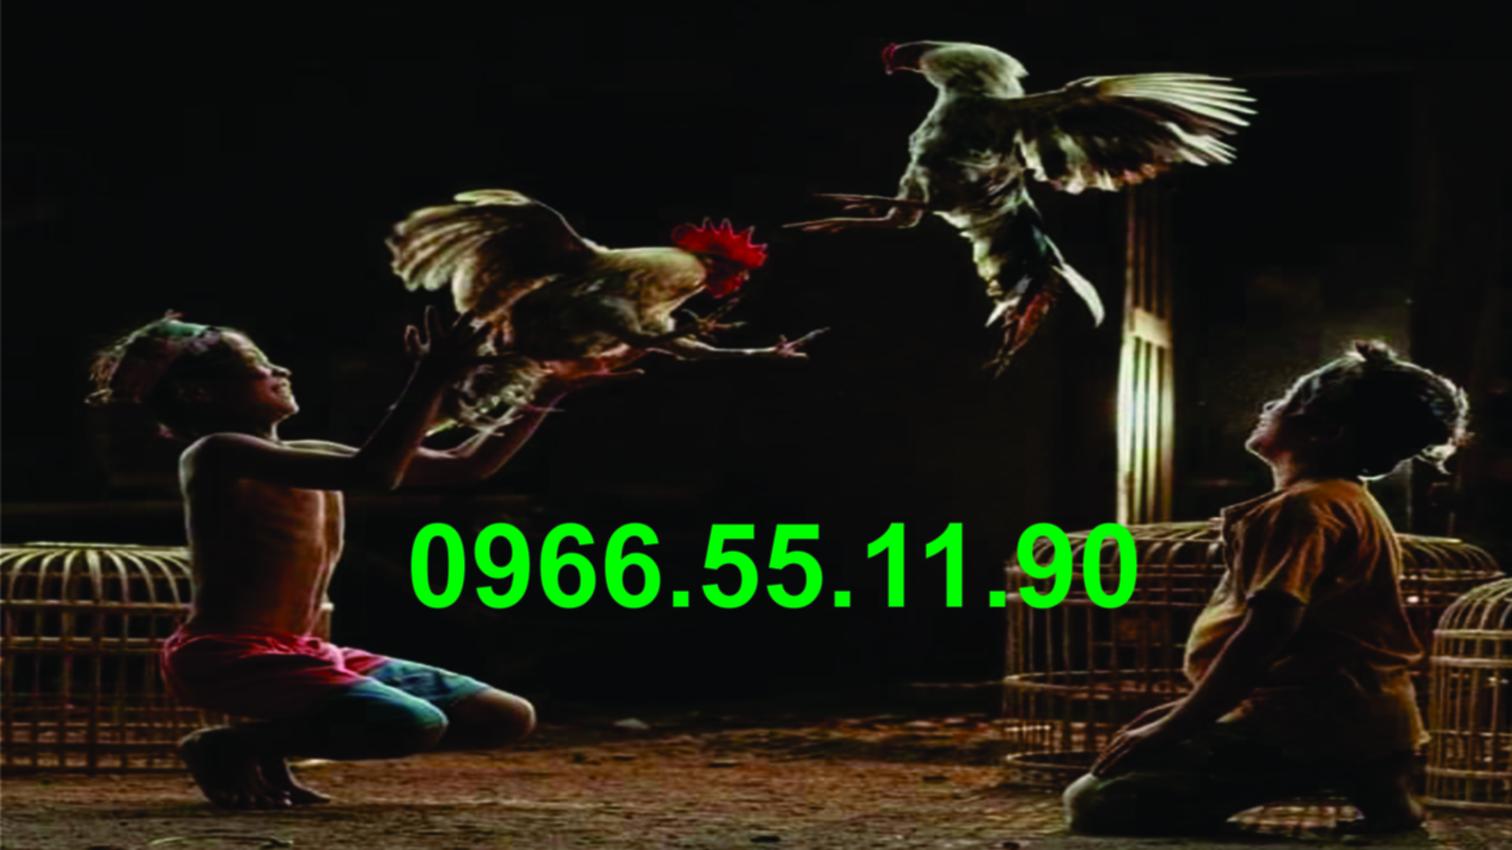 2 Bộ Nọc Gà Lông A/e LH : 0966.55.11.90